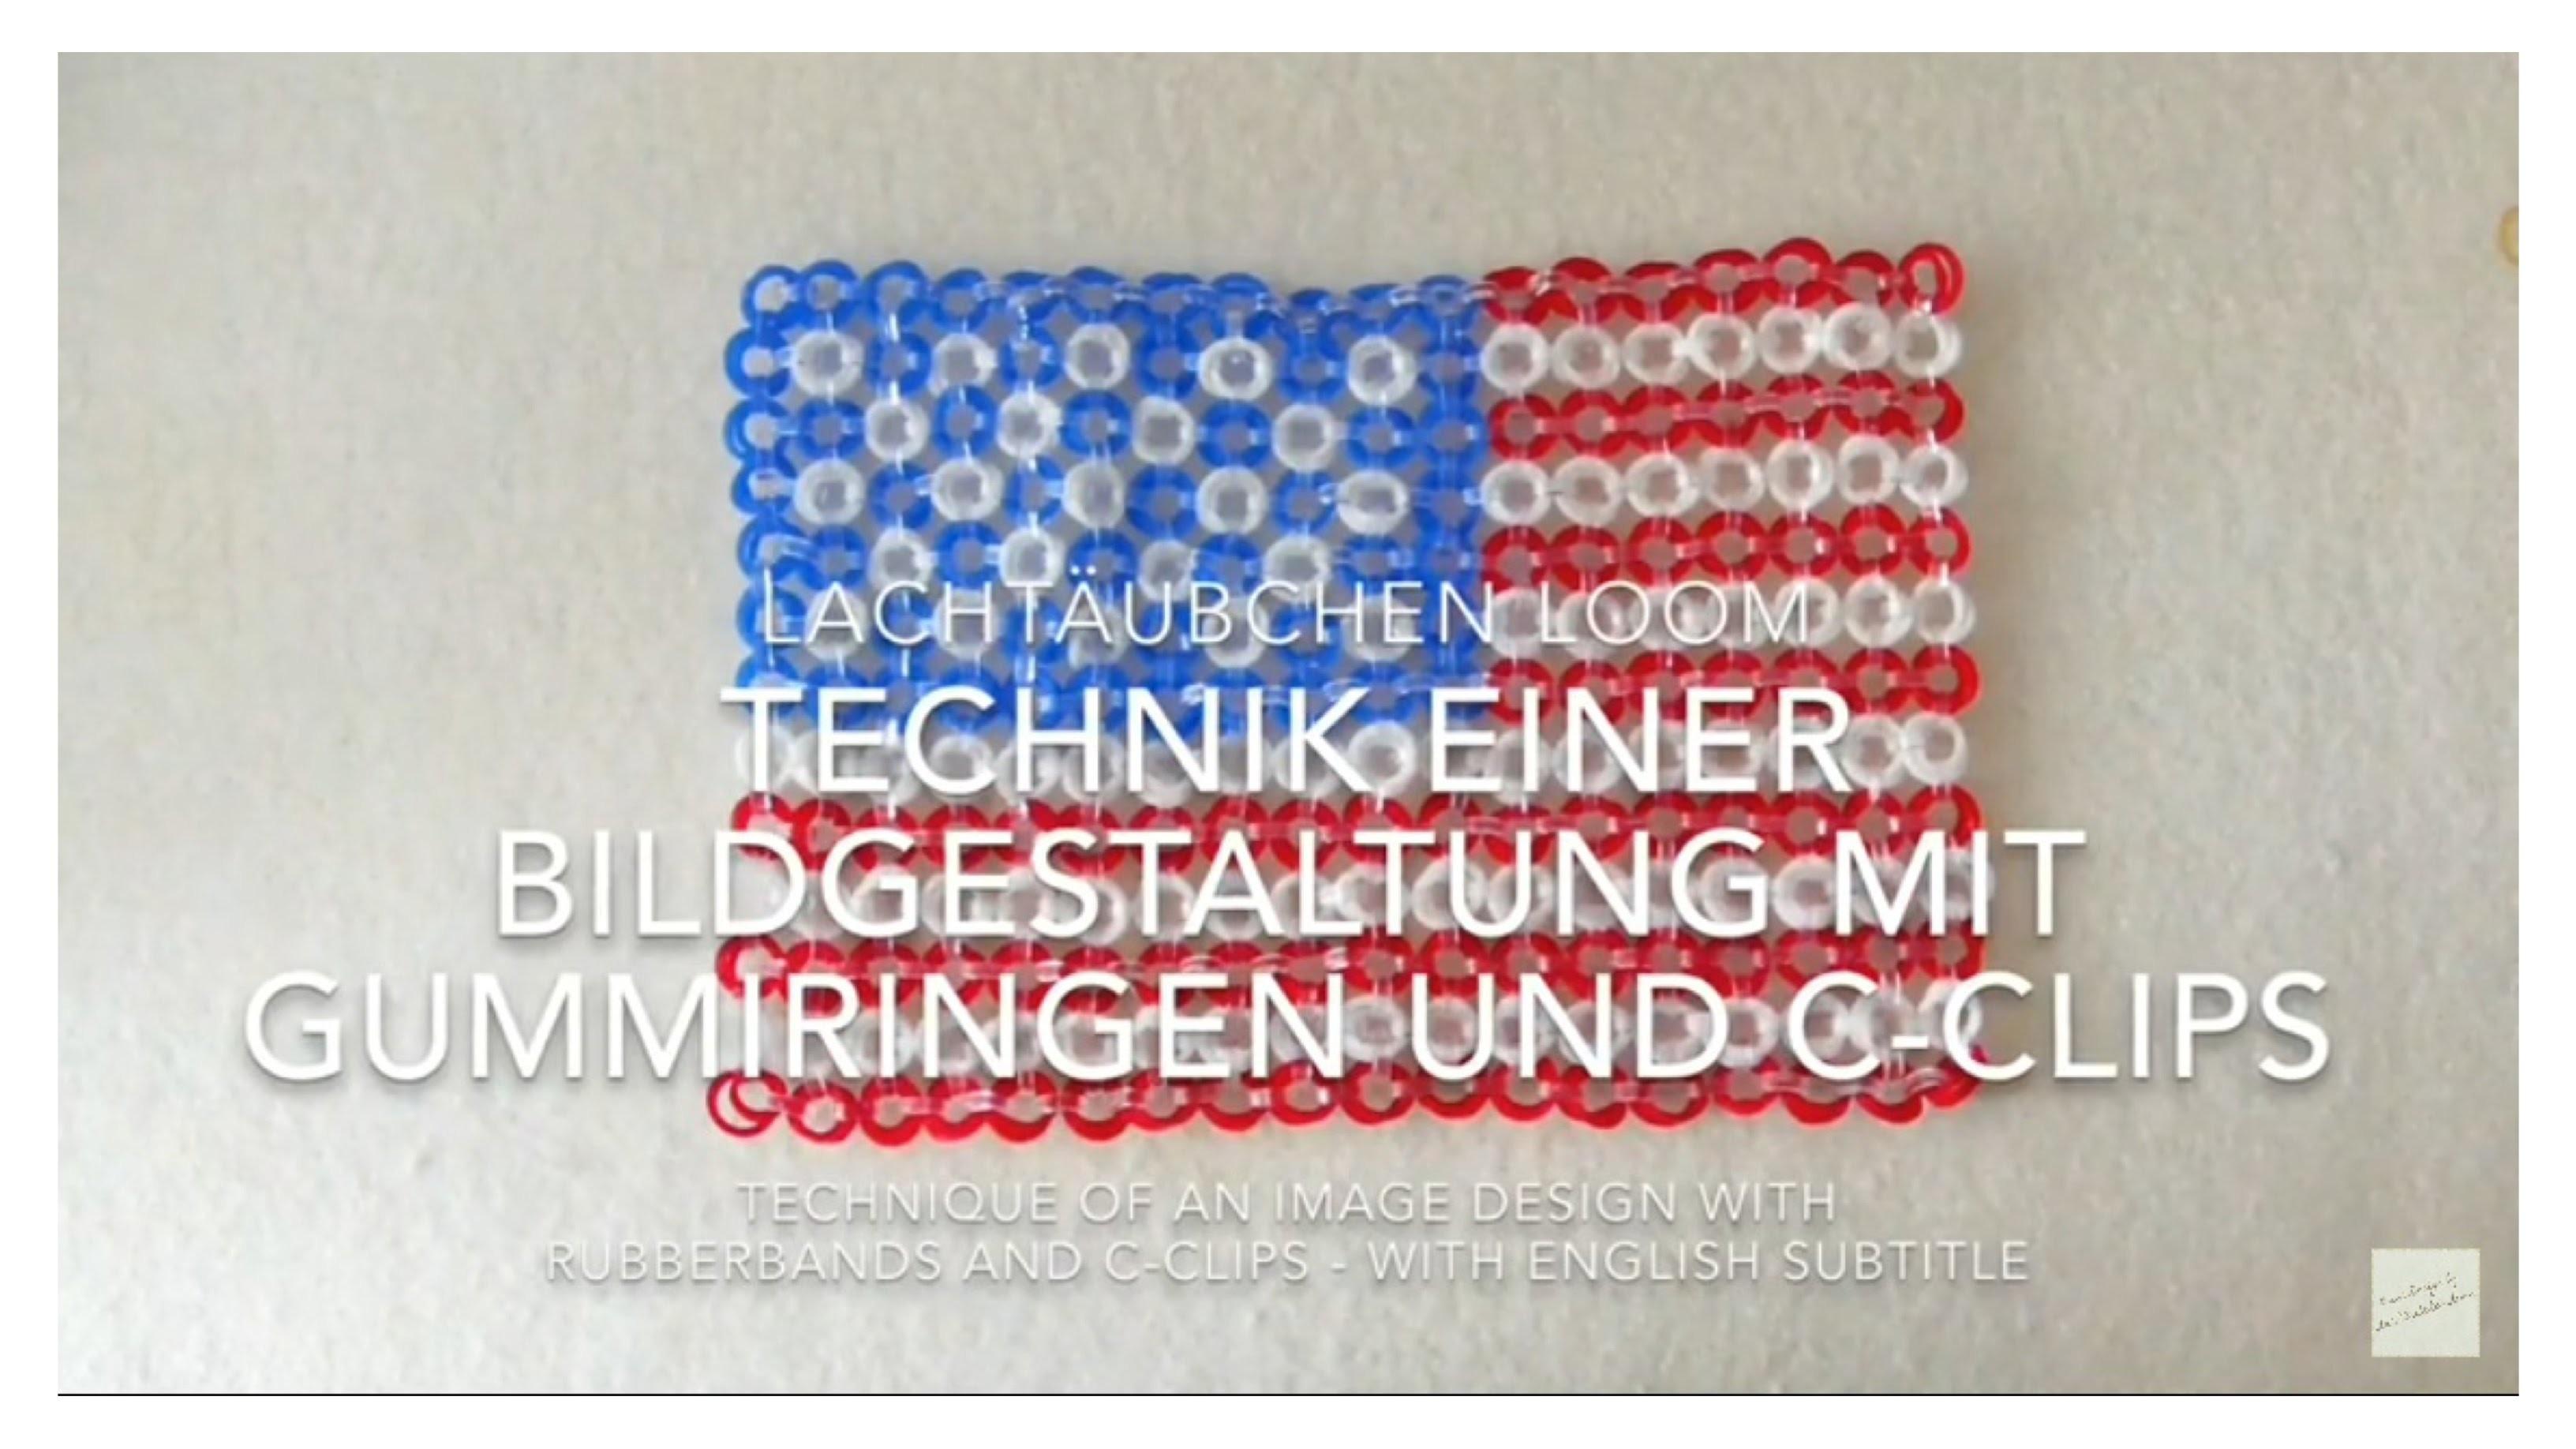 Bildgestaltung mit Rainbow Loom Gummiringen und C-Clips - with english subtitle